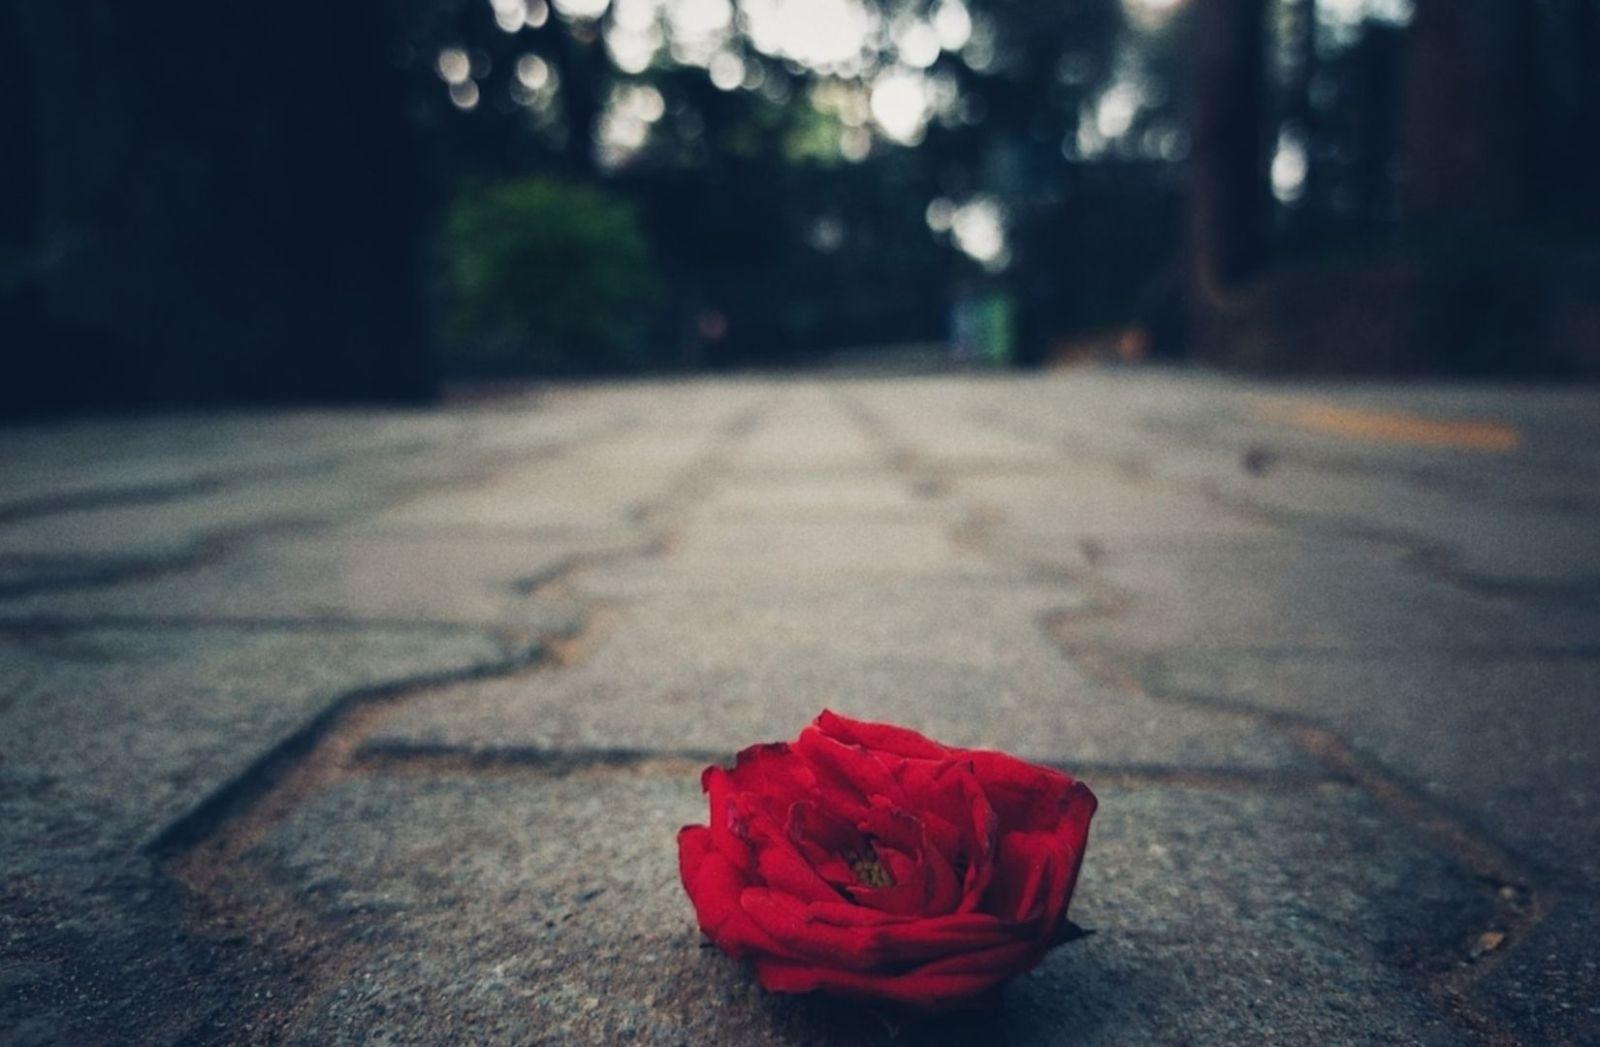 Haltung ist eine Form der Erkenntnis von Schönheit. (Foto: Shashwat Agarwal, Unsplash.com)